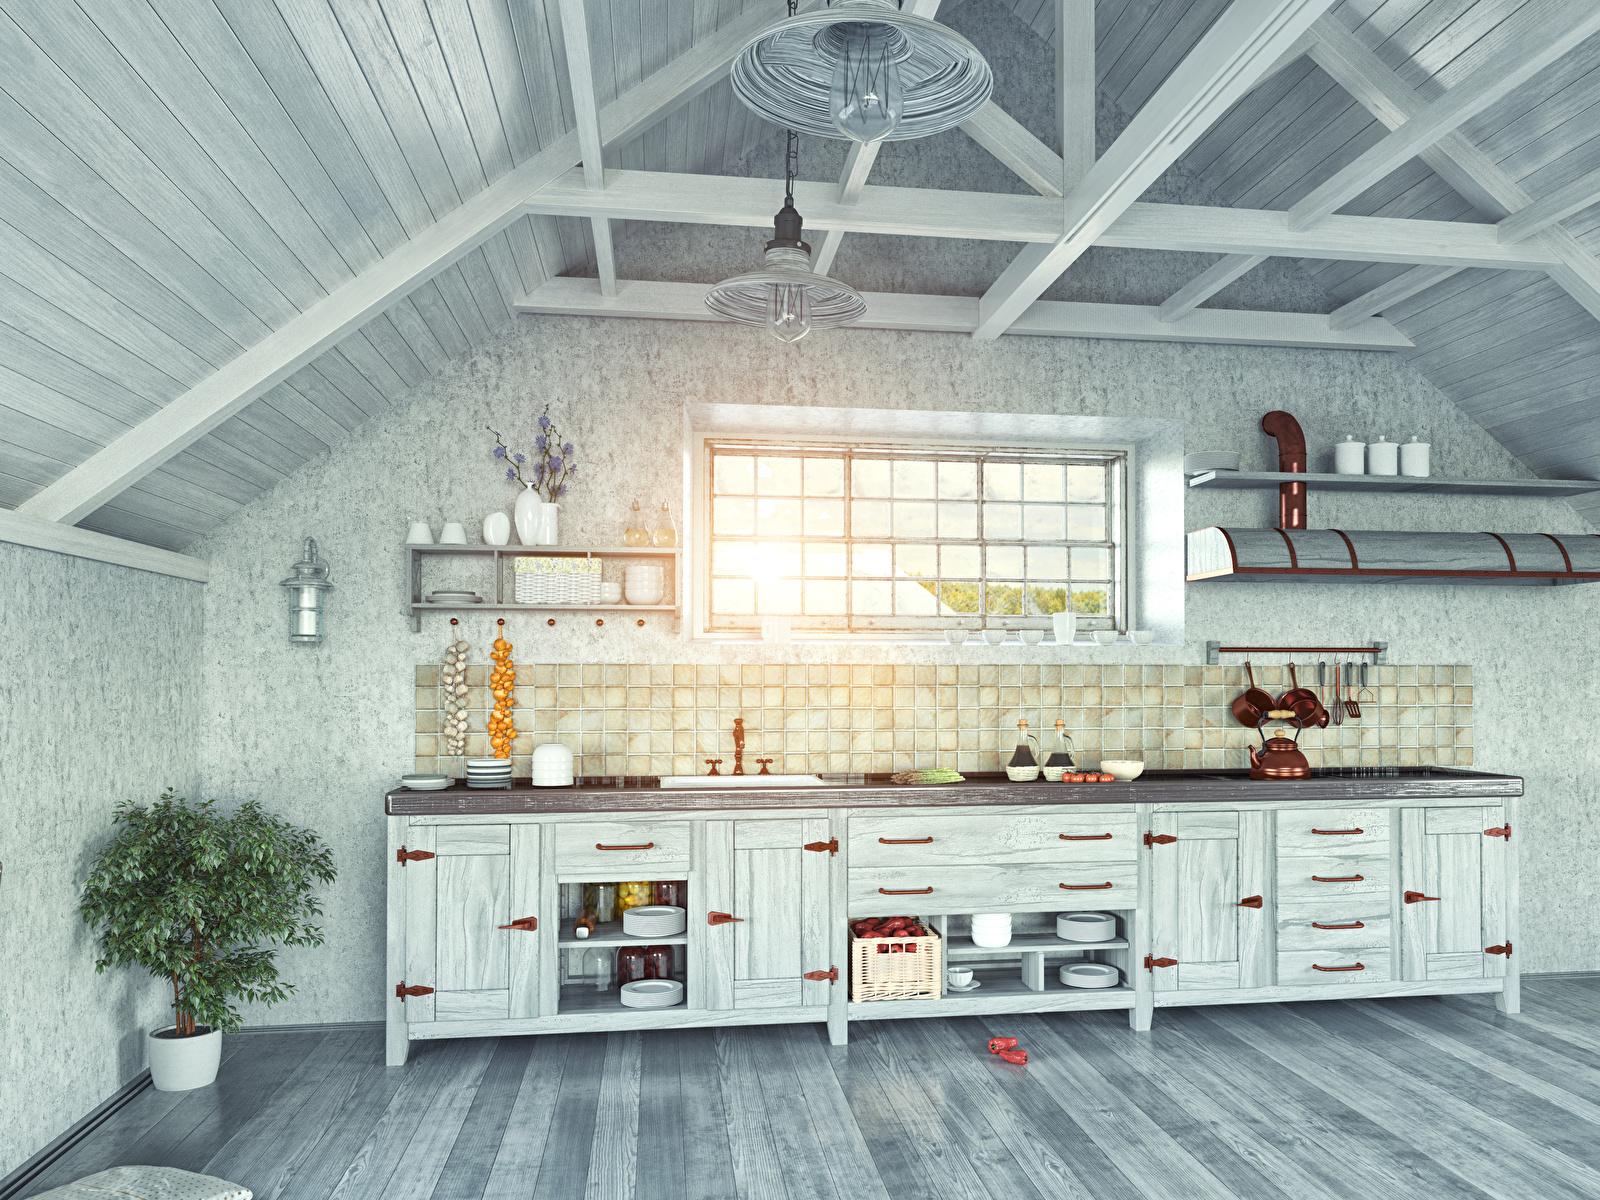 Fotos Küche Innenarchitektur Tisch Design 1600x1200